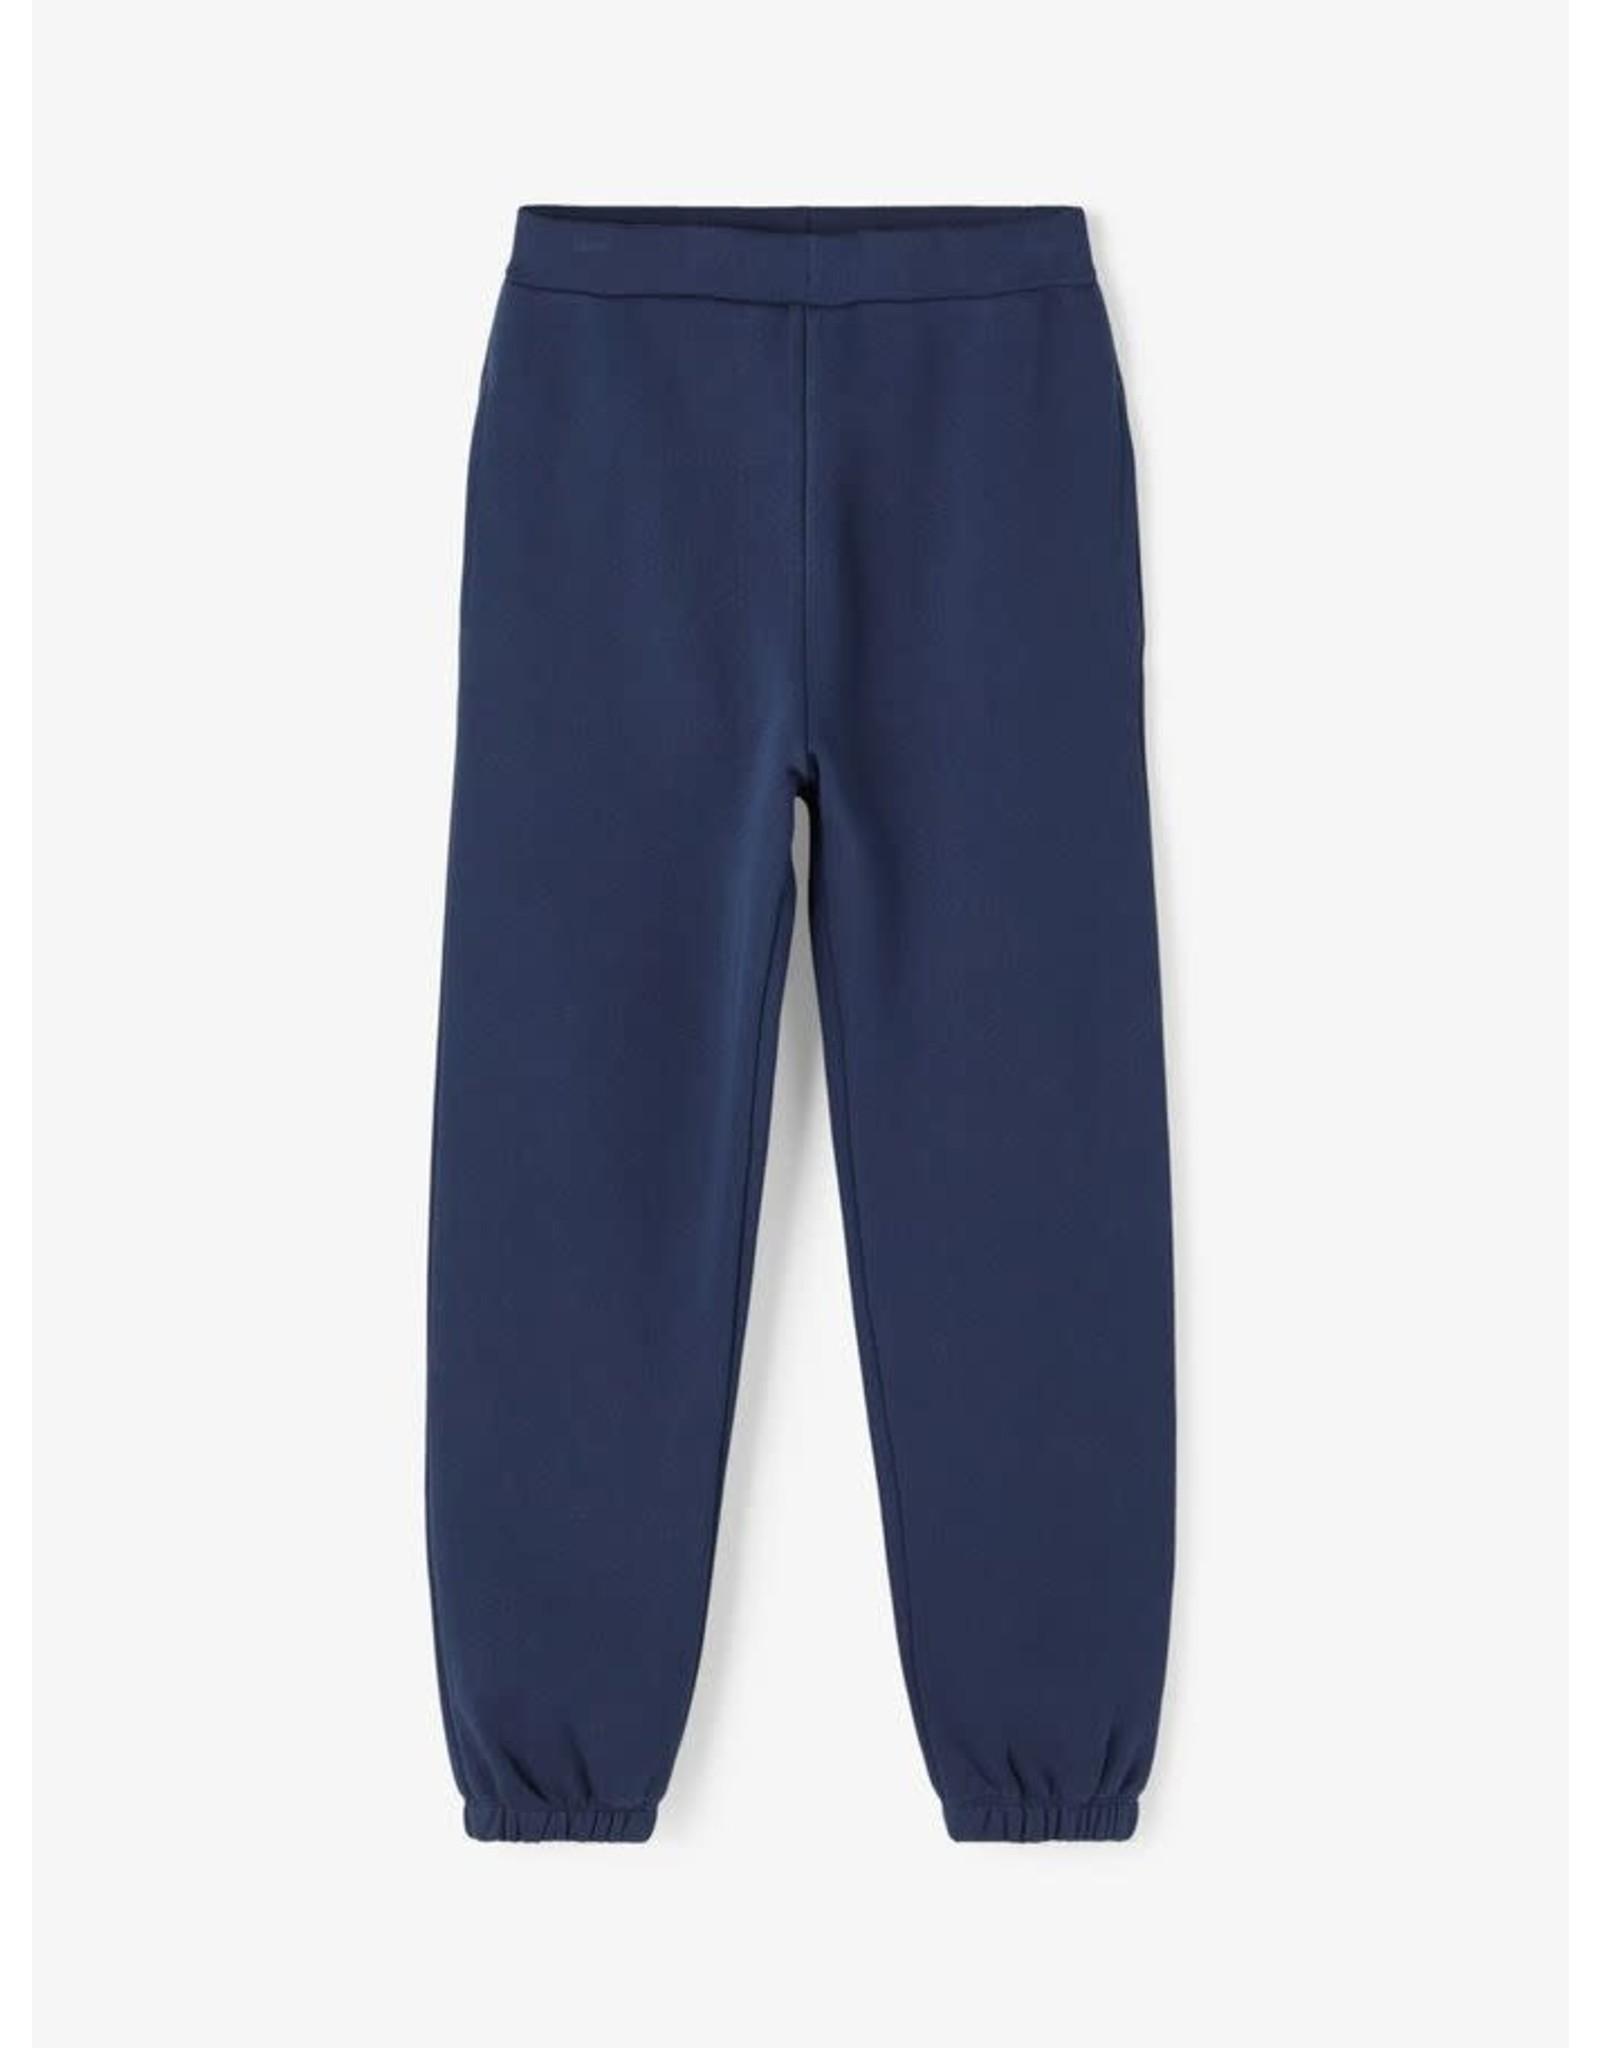 Name It Donkerblauwe jogging broek